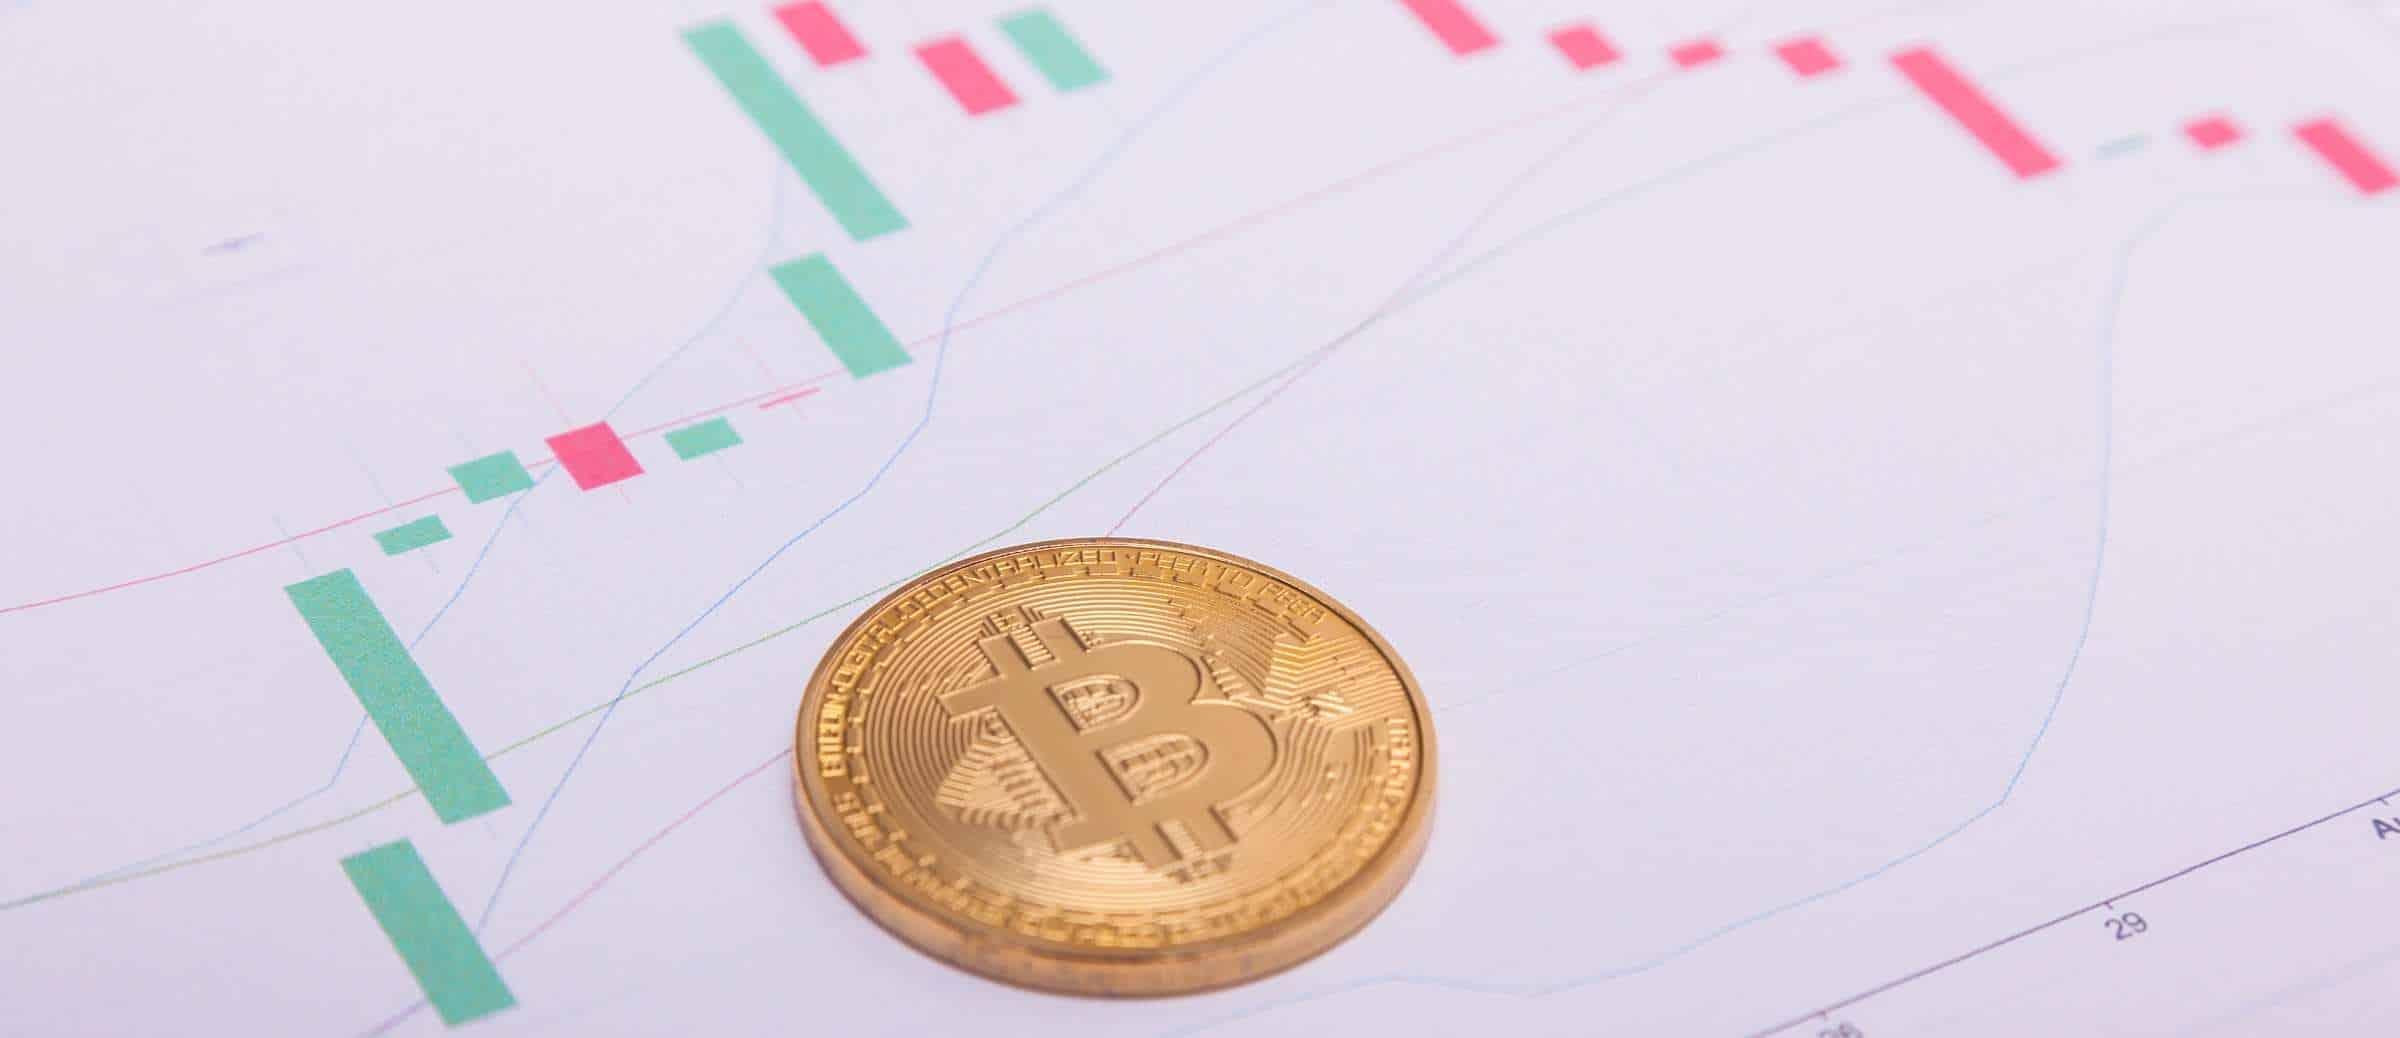 análise técnica do bitcoin gráfico